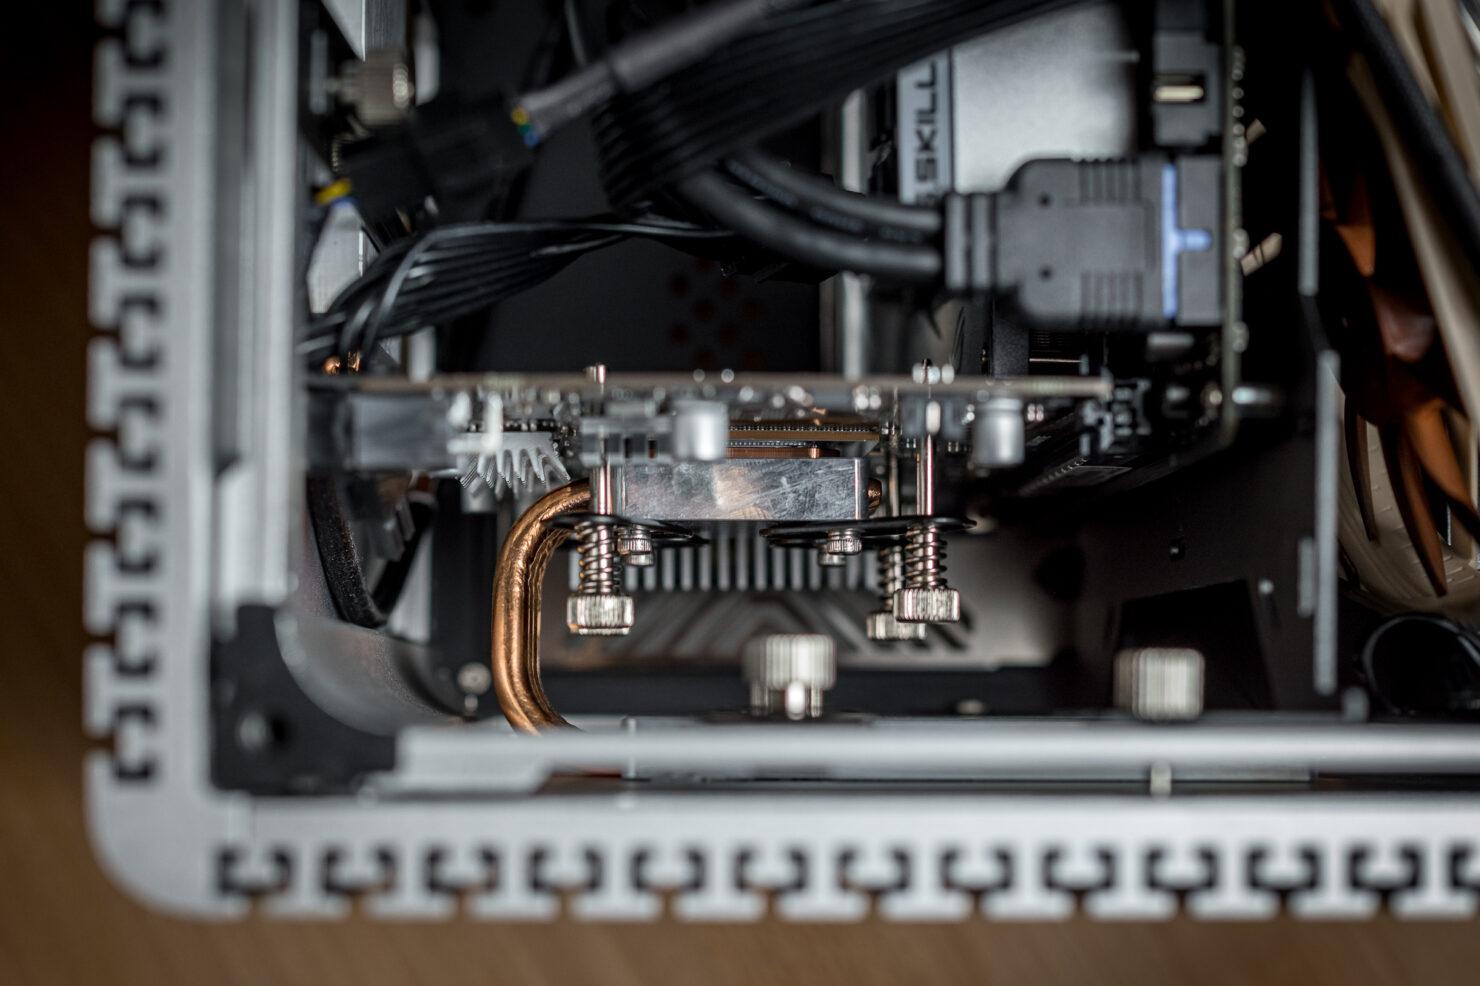 amd-ryzen-7-3700x-8-core-cpu-nvidia-geforce-gtx-1650-passive-cooled-pc_13